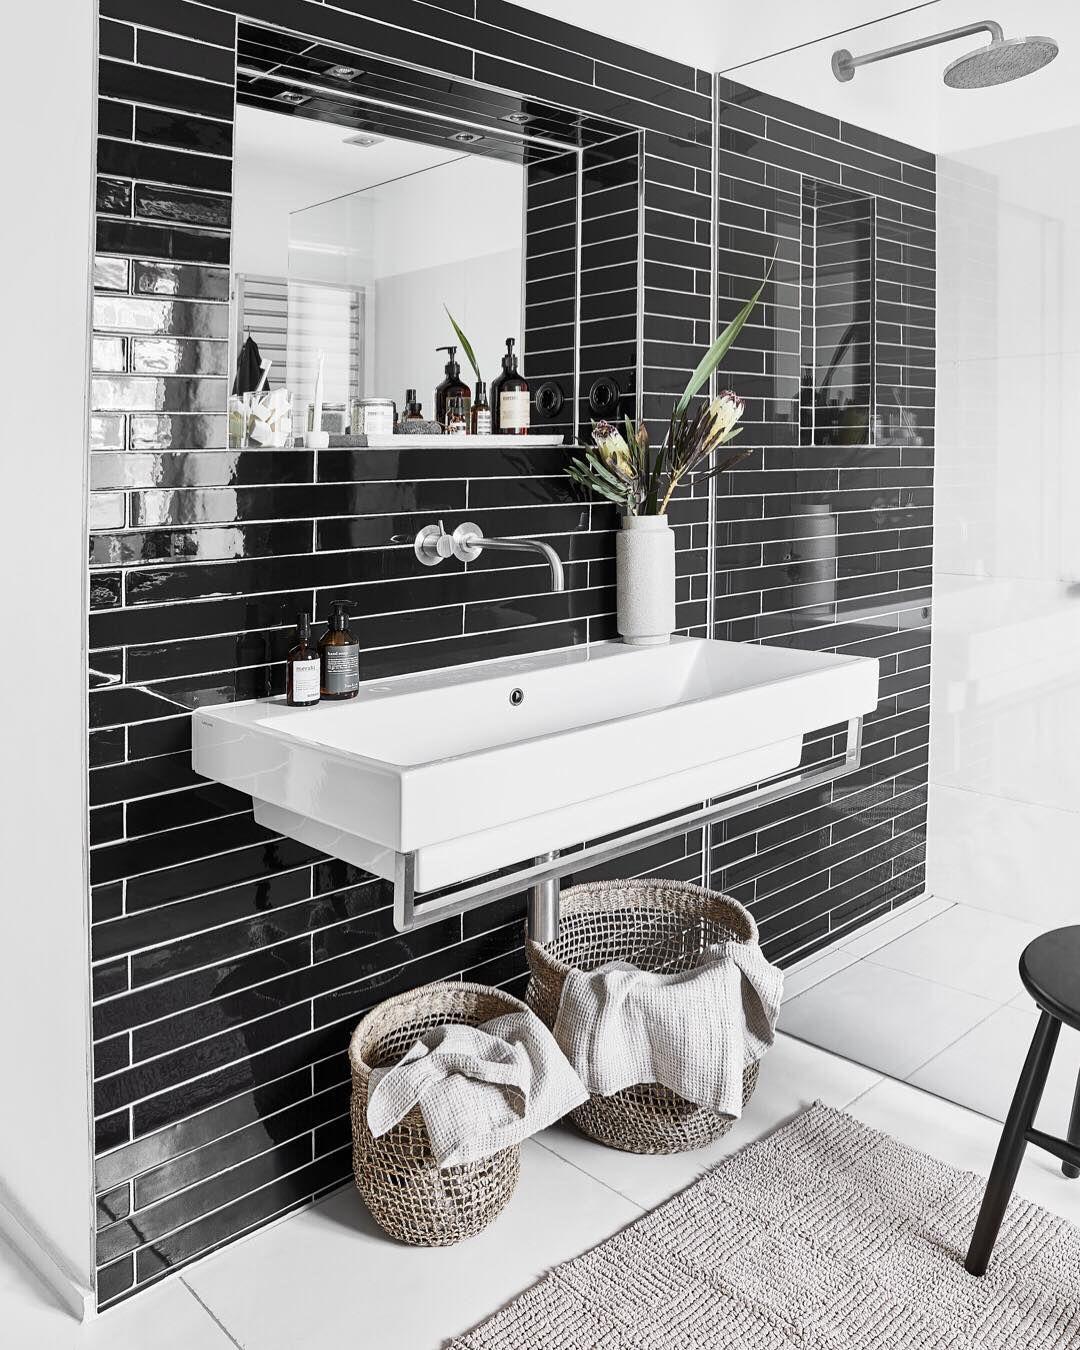 Bathroom Goals Beschreibt Das Badezimmer Mit Einem Emoji Und Shoppt Danach Gleich Die Produkte Indem Ihr Aufs Bild Tippt Badezimmer Badezimmer Deko Westwing